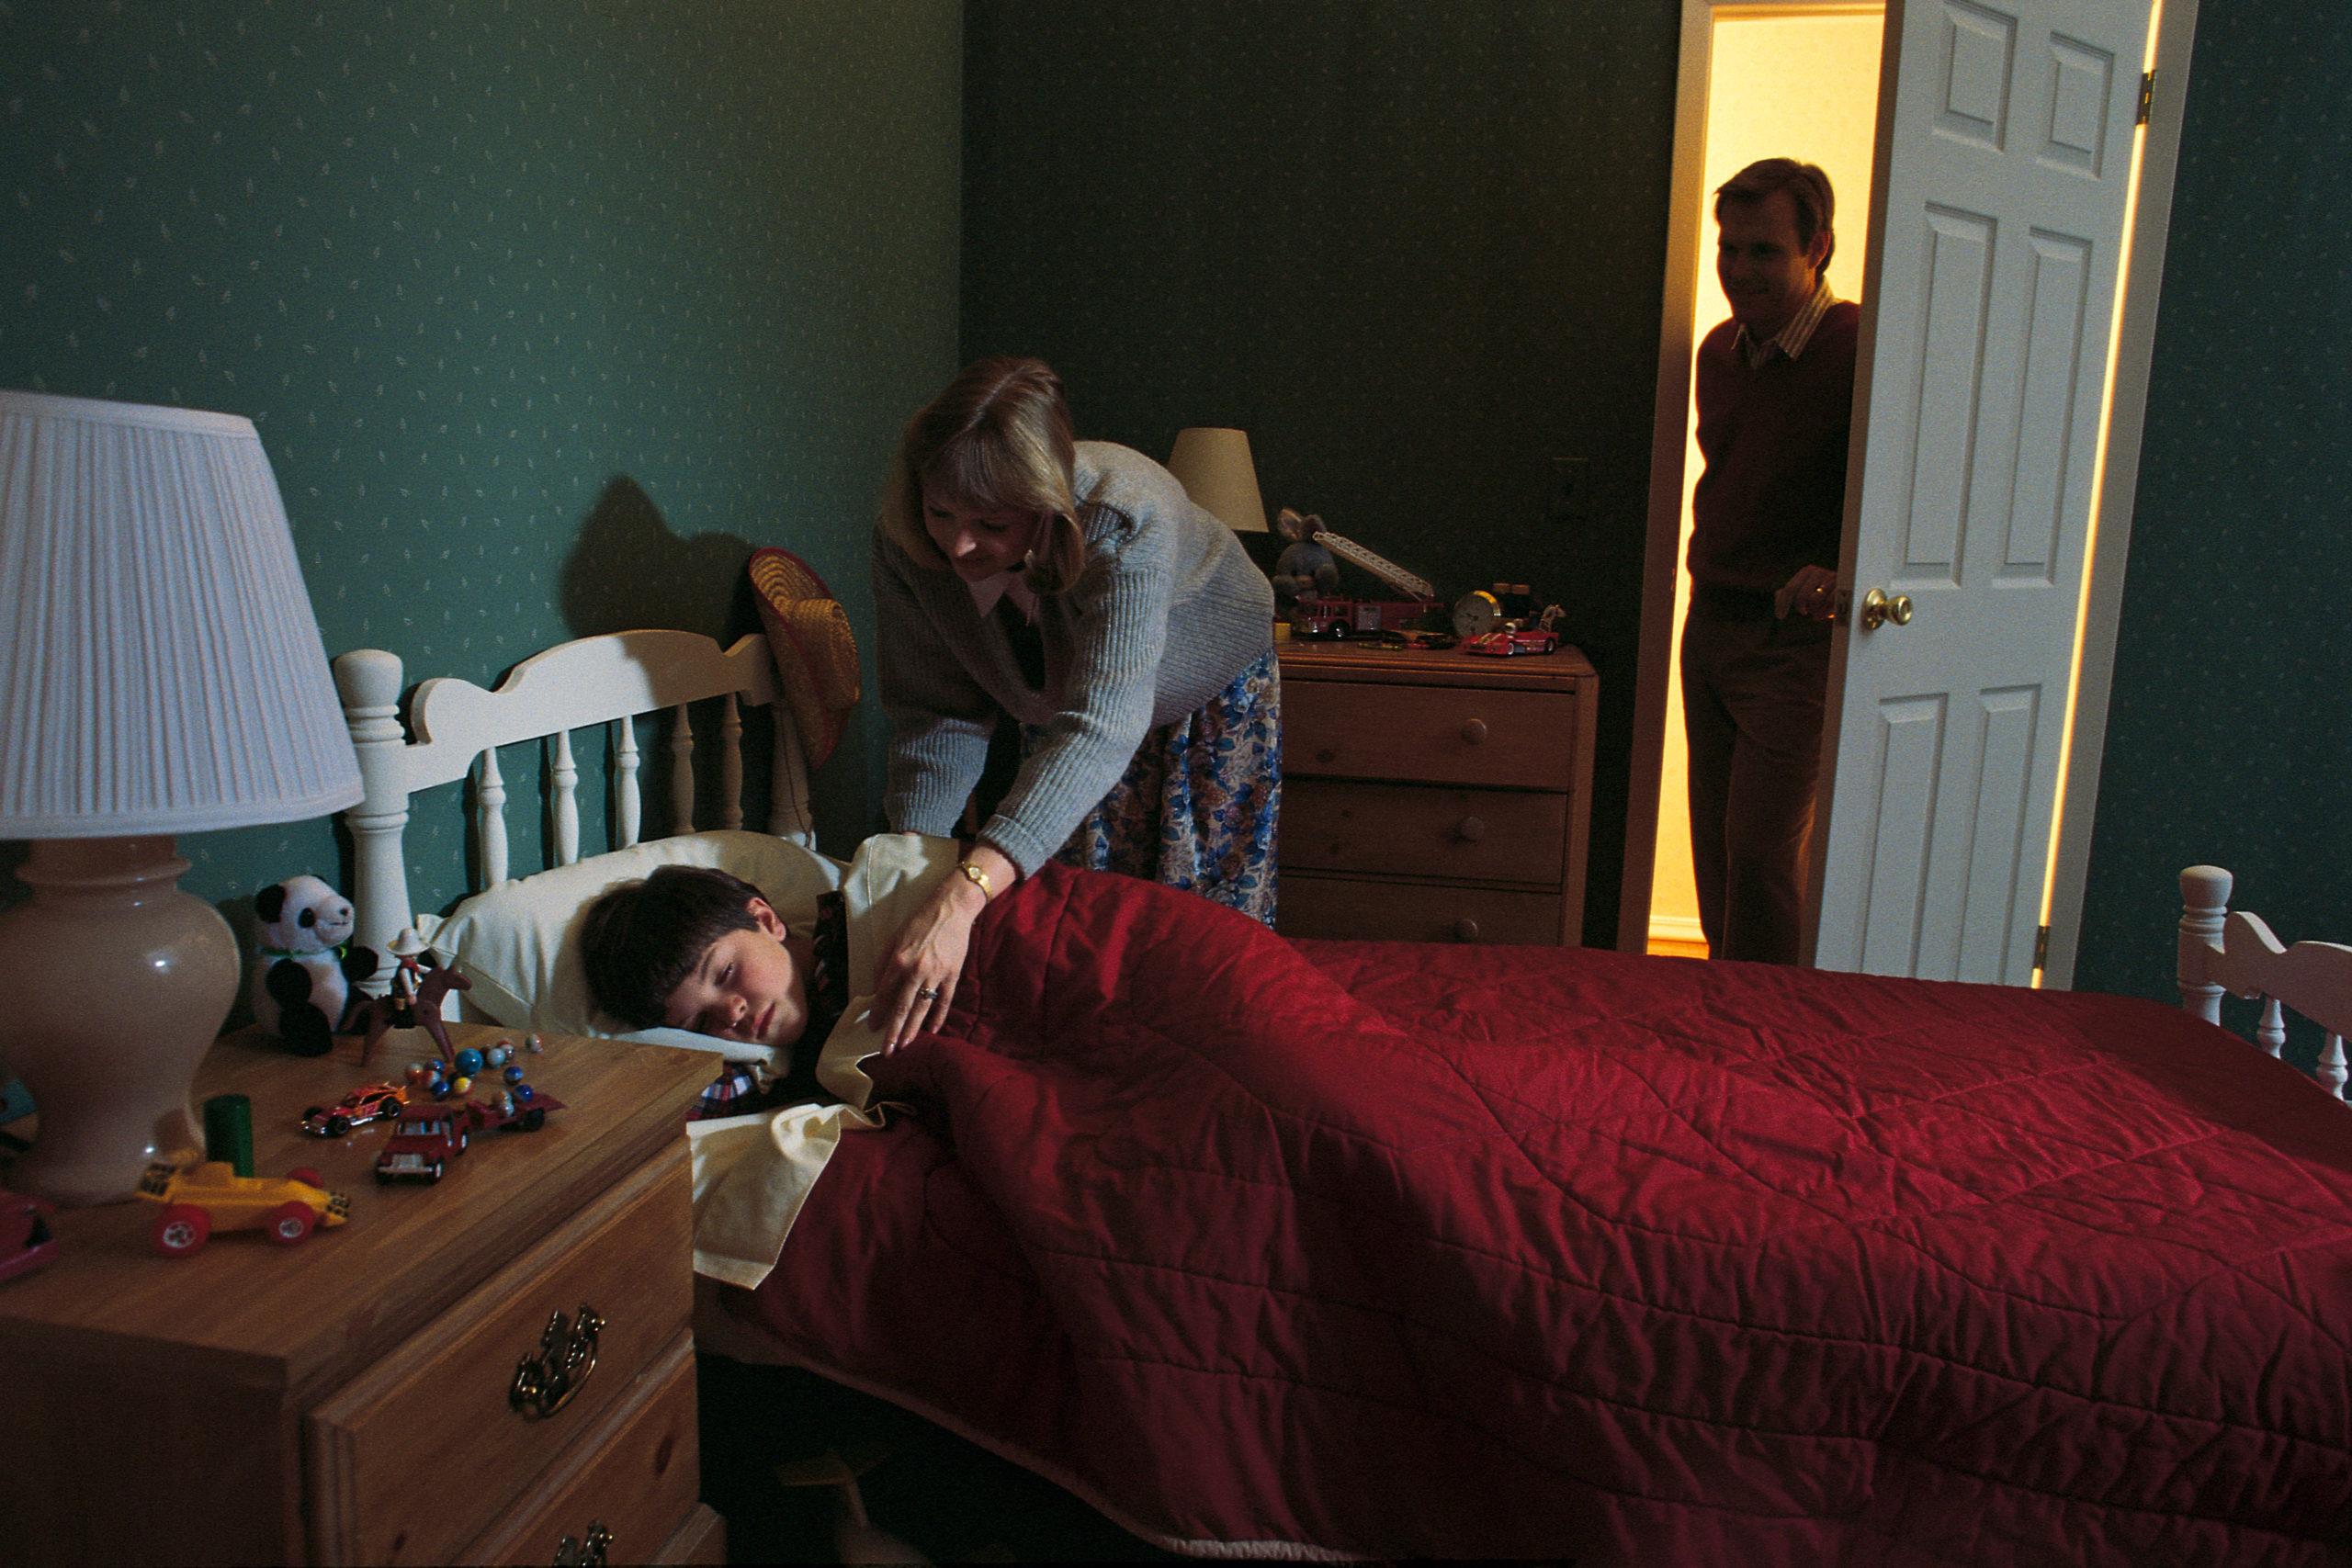 Mit tehet azért, hogy kisgyermeke nyugodtan aludjon?